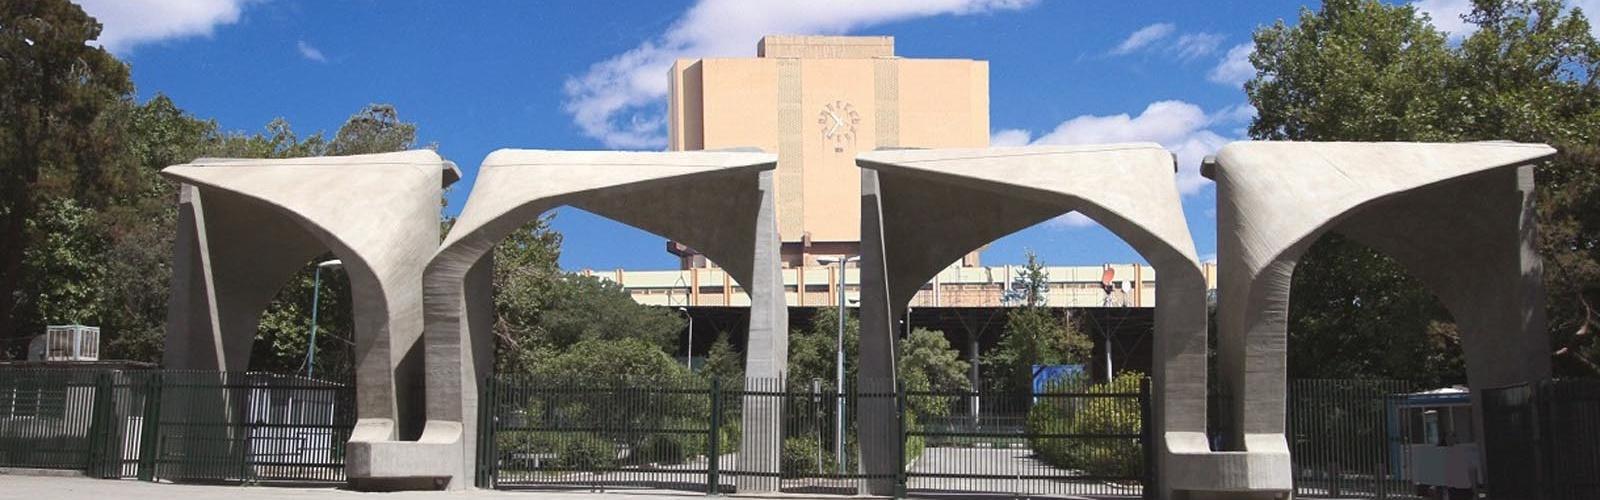 اعلام نتایج اولیه پذیرش بدون آزمون دانشجوی ارشد دانشگاه تهران